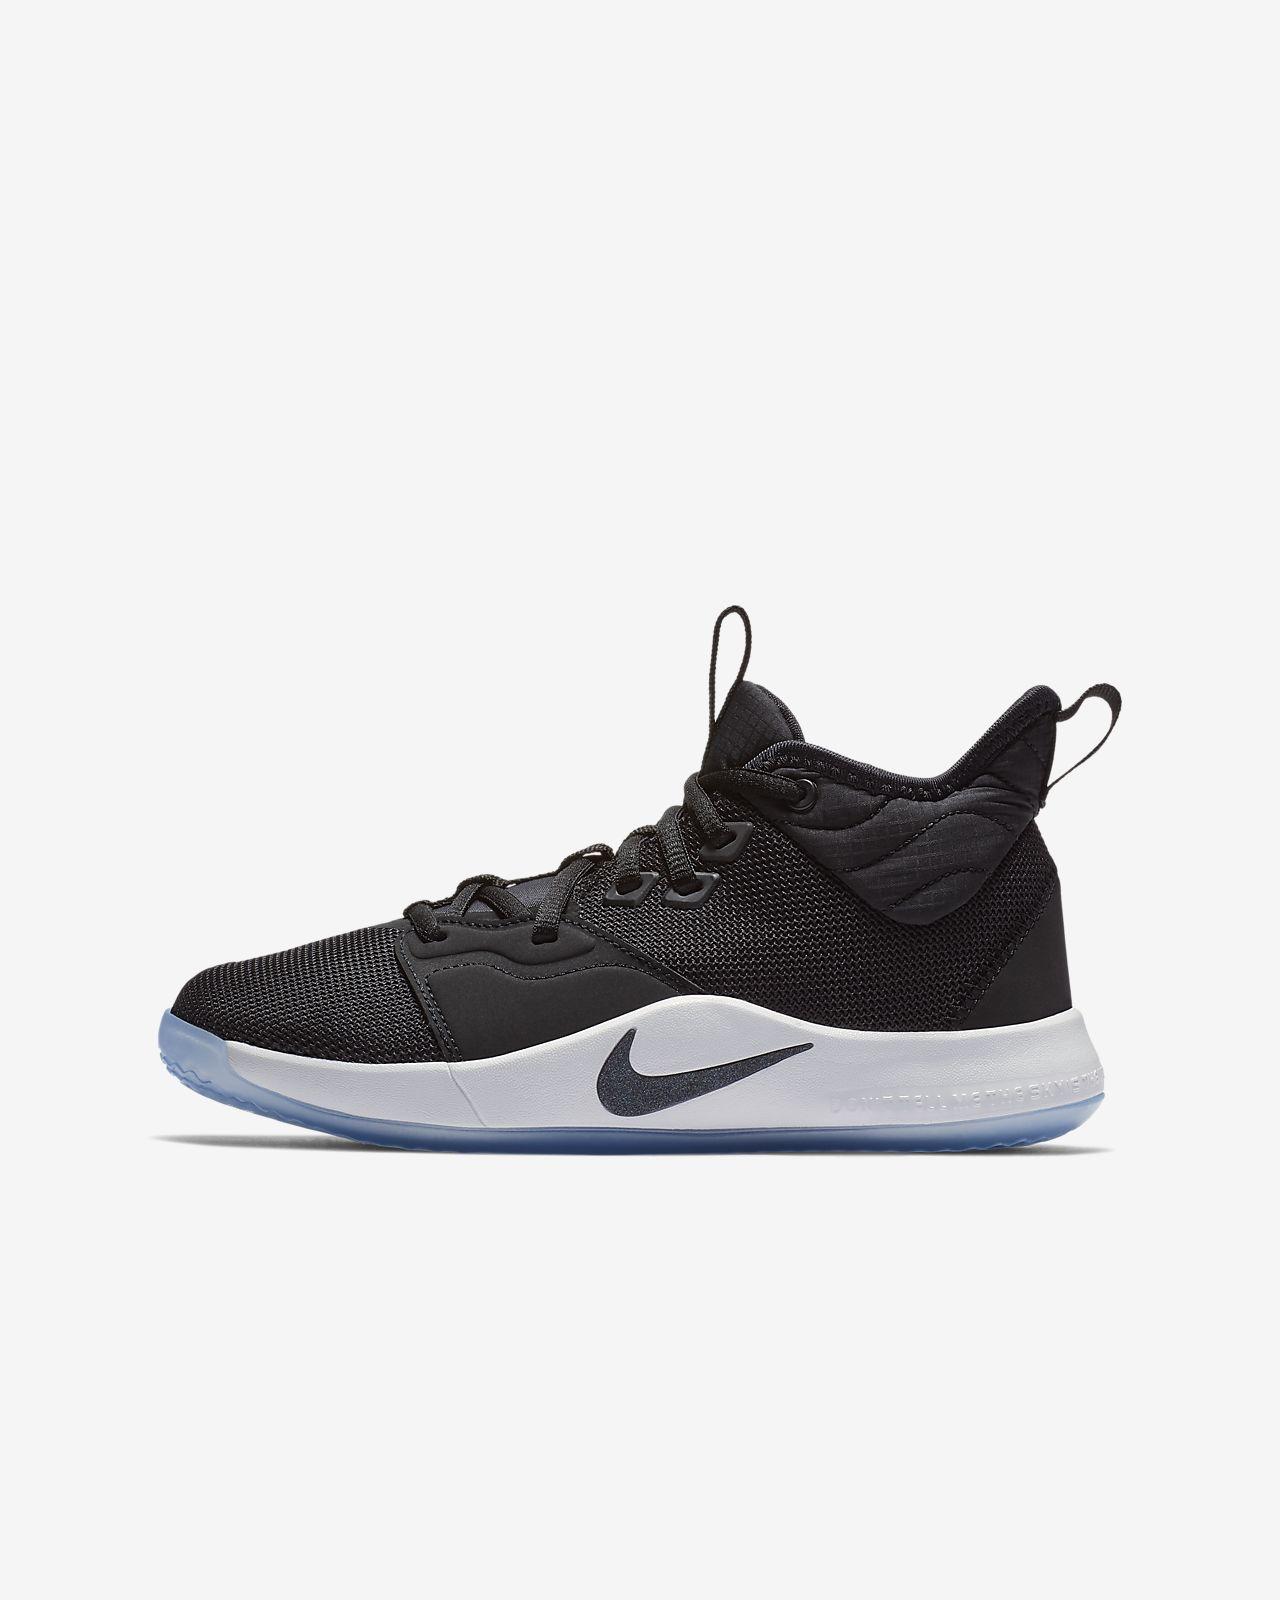 PG 3 Older Kids' Basketball Shoe